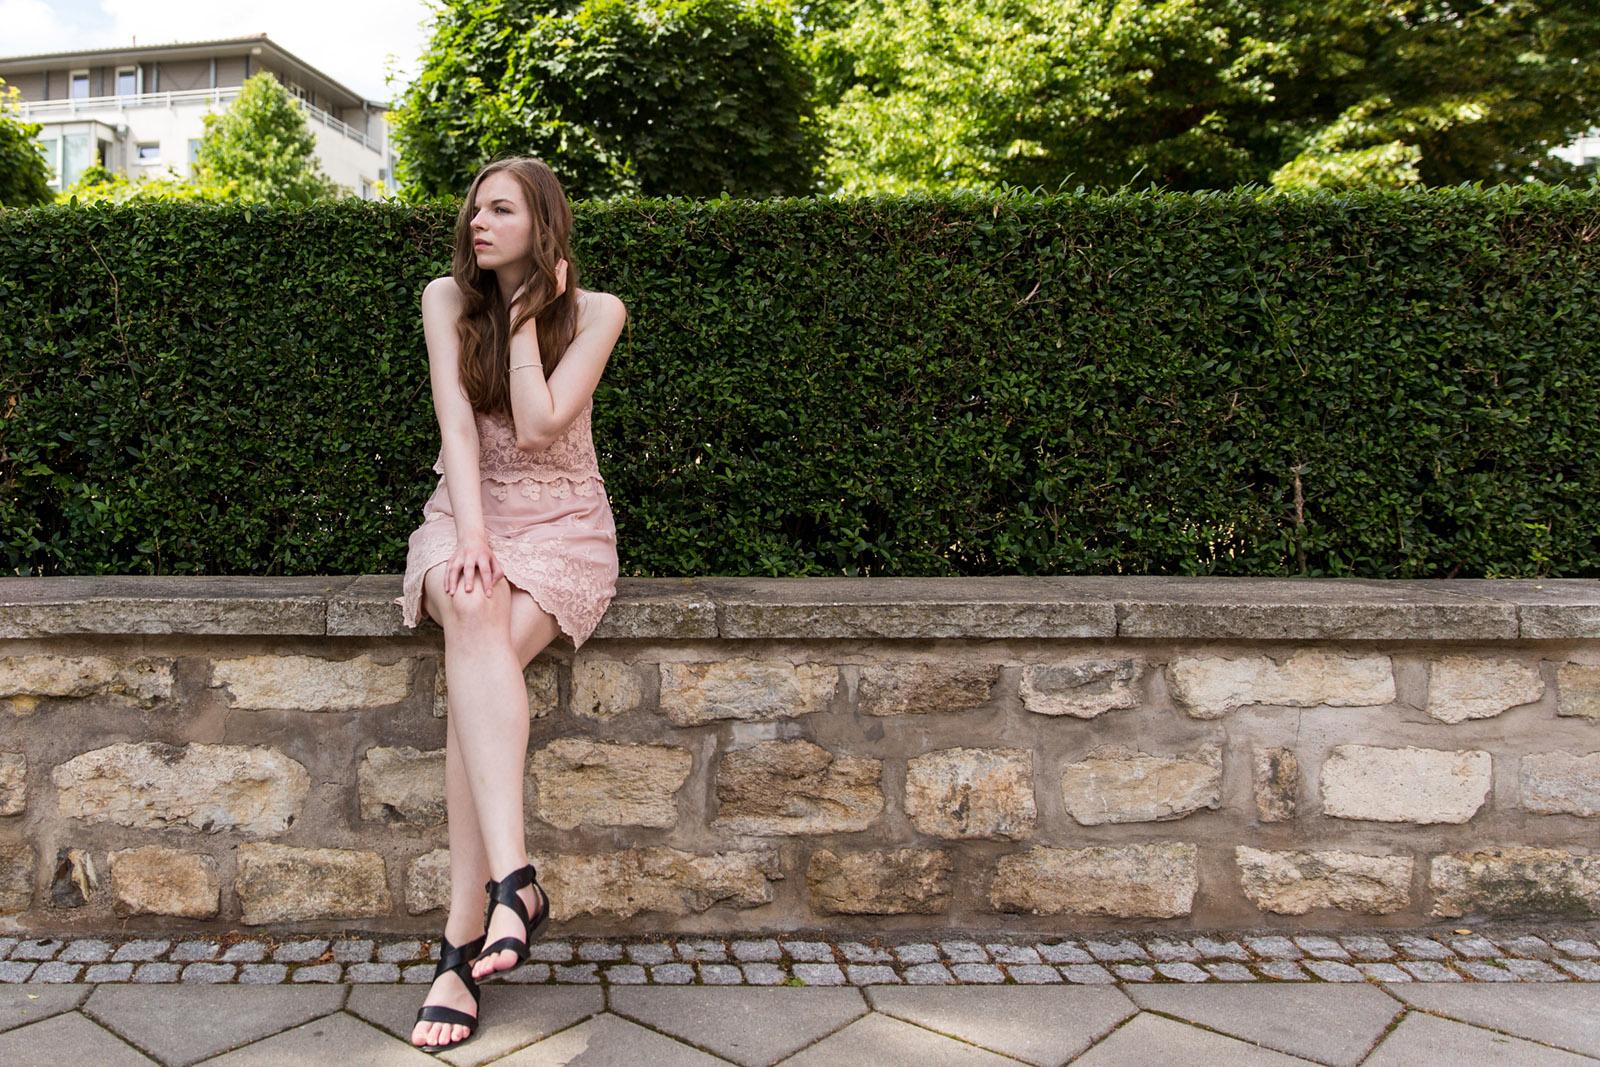 Lifestyle-, Fashion- und People- Fotografie mit Model Kate in Erfurt